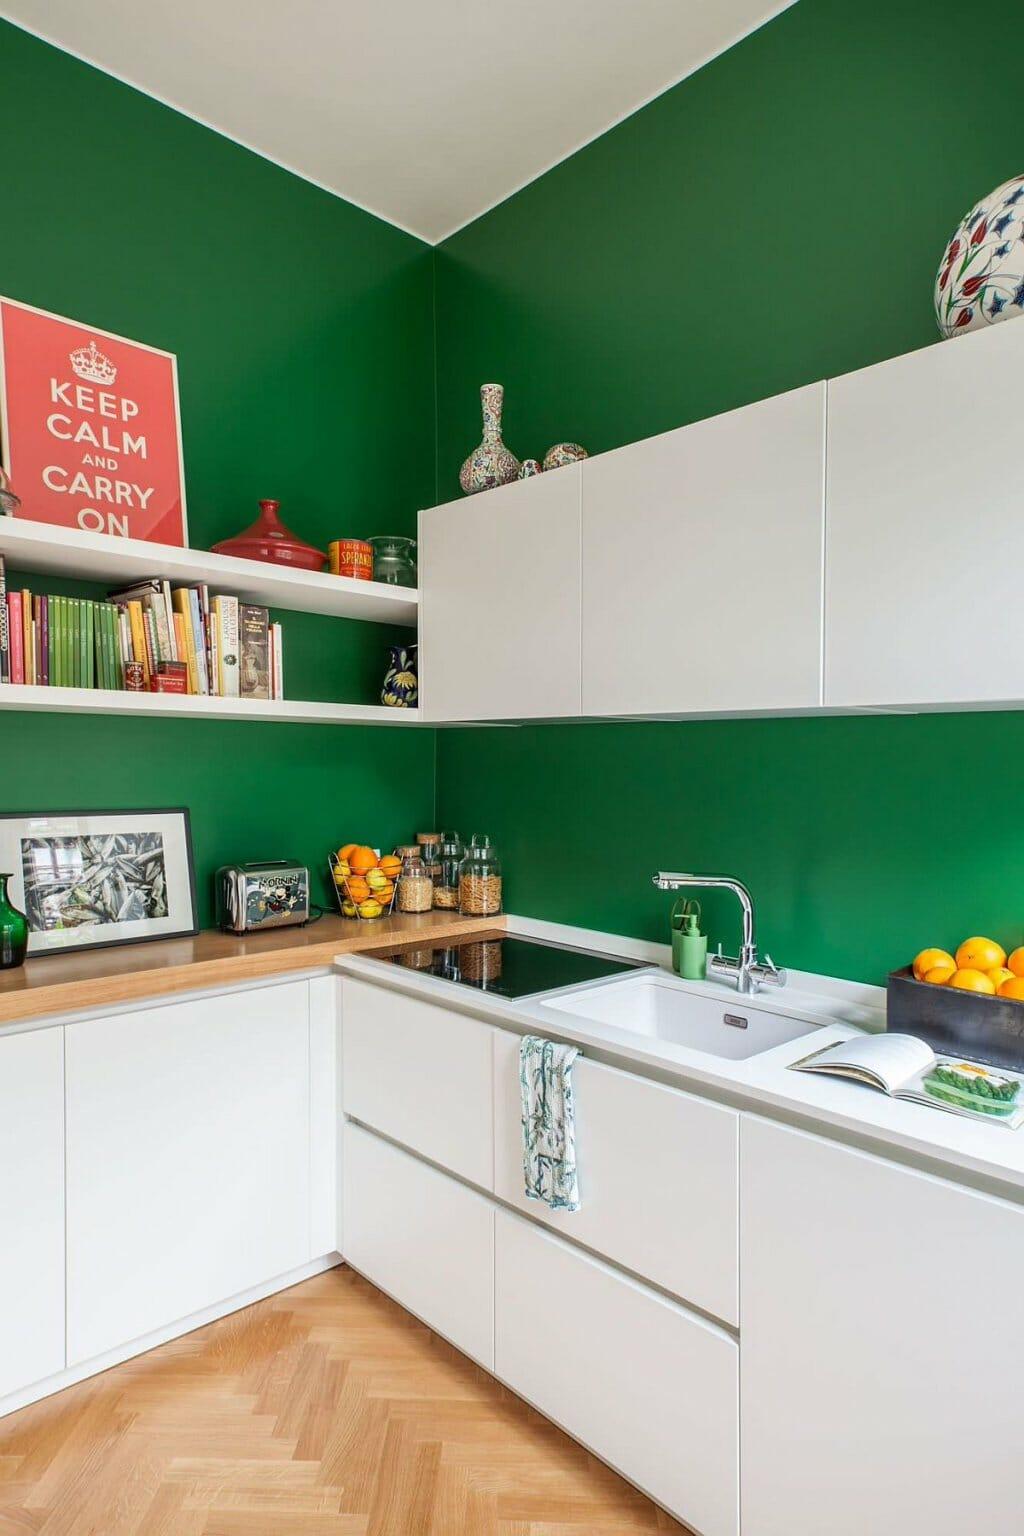 hình ảnh một góc phòng bếp phong cách Bắc Âu với tường sơn màu xanh lá cây đậm nổi bật